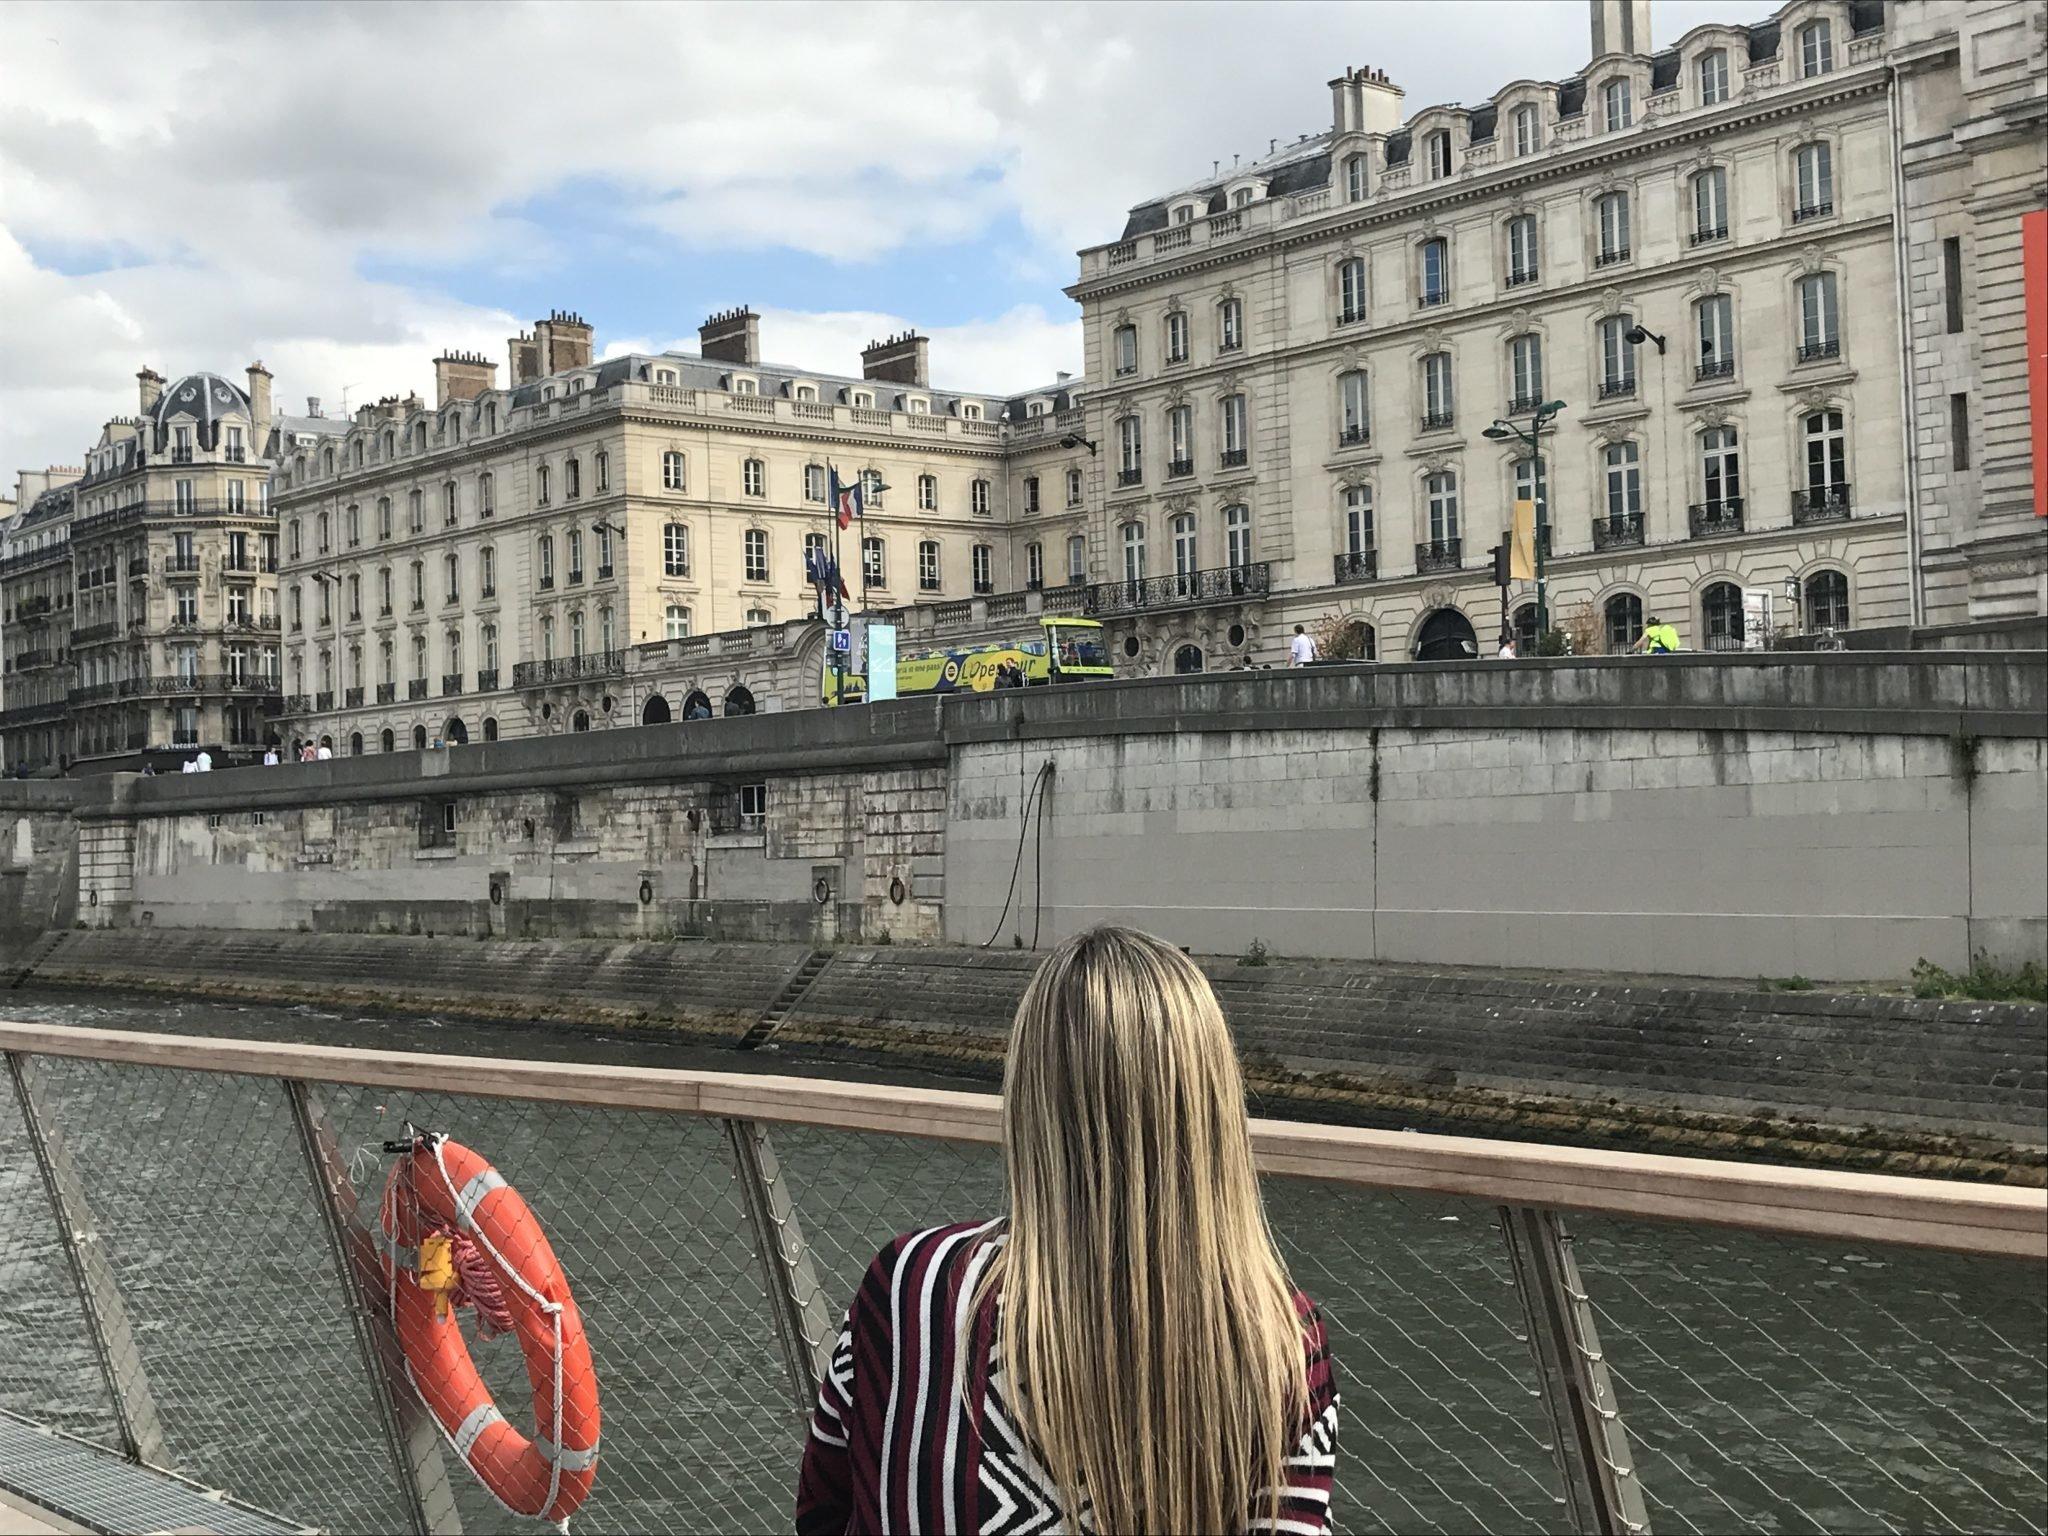 Paris: fazendo um cruzeiro pelo Rio Sena